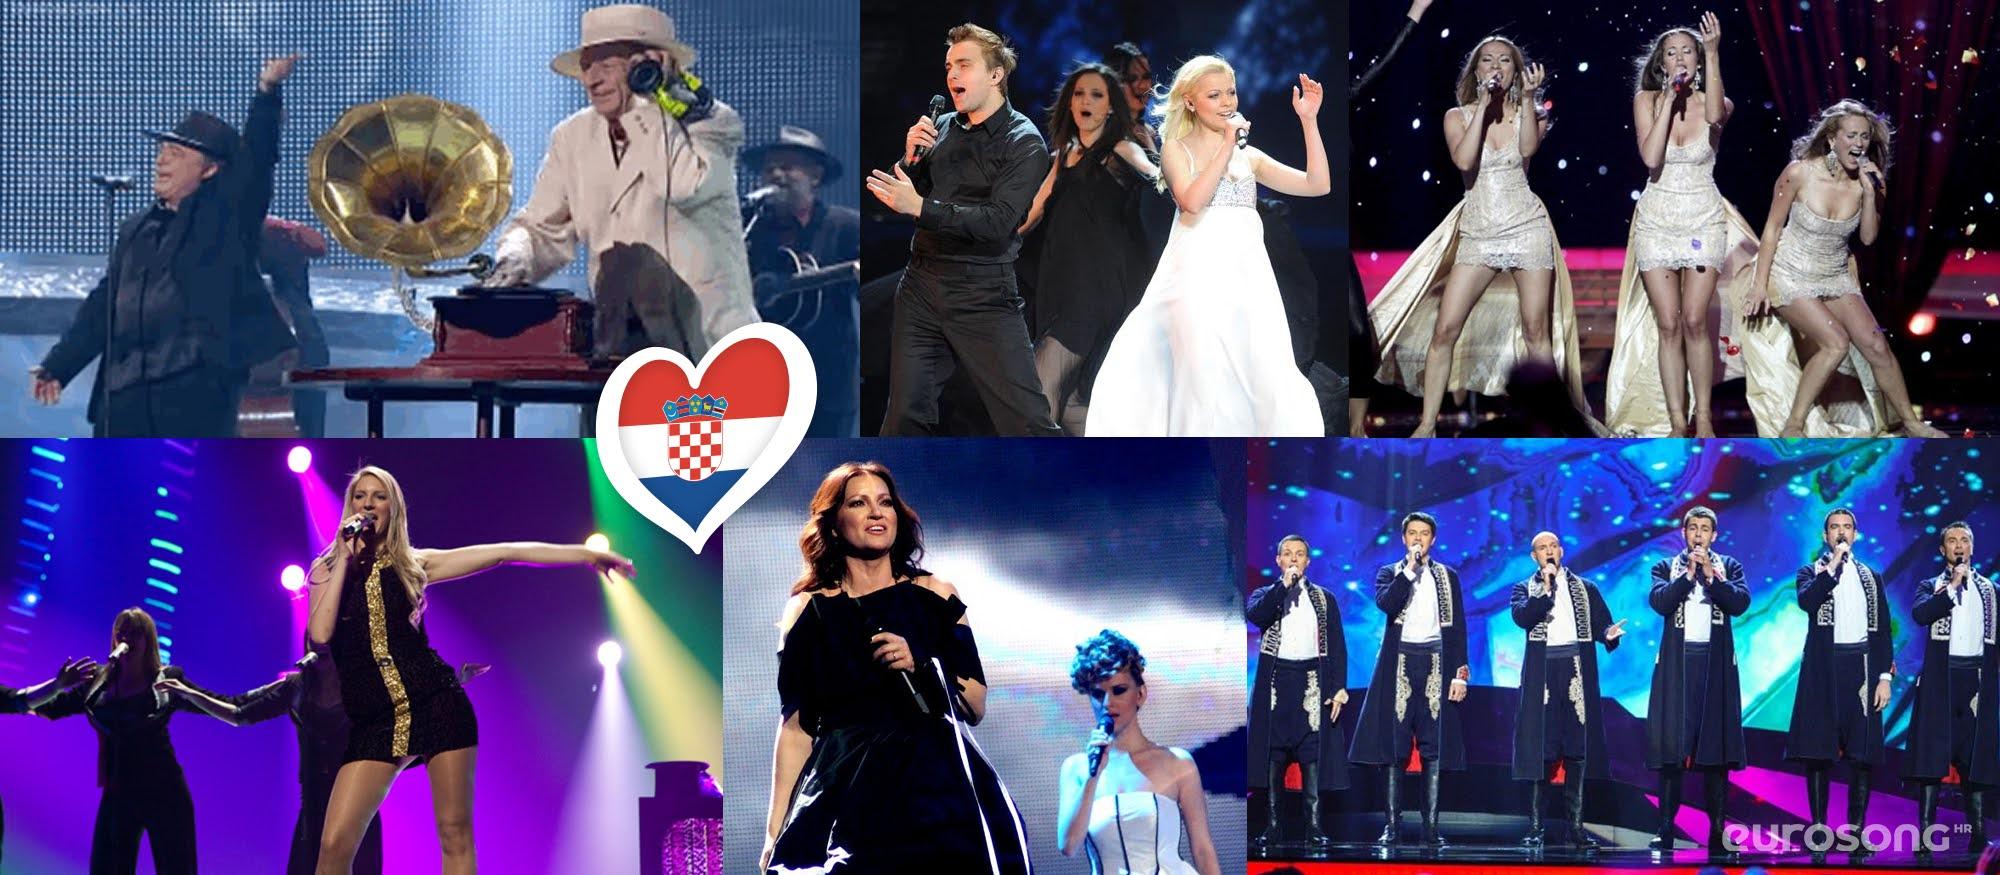 Hrvatska na Eurosongu - izvođači od 2008. do 2013.